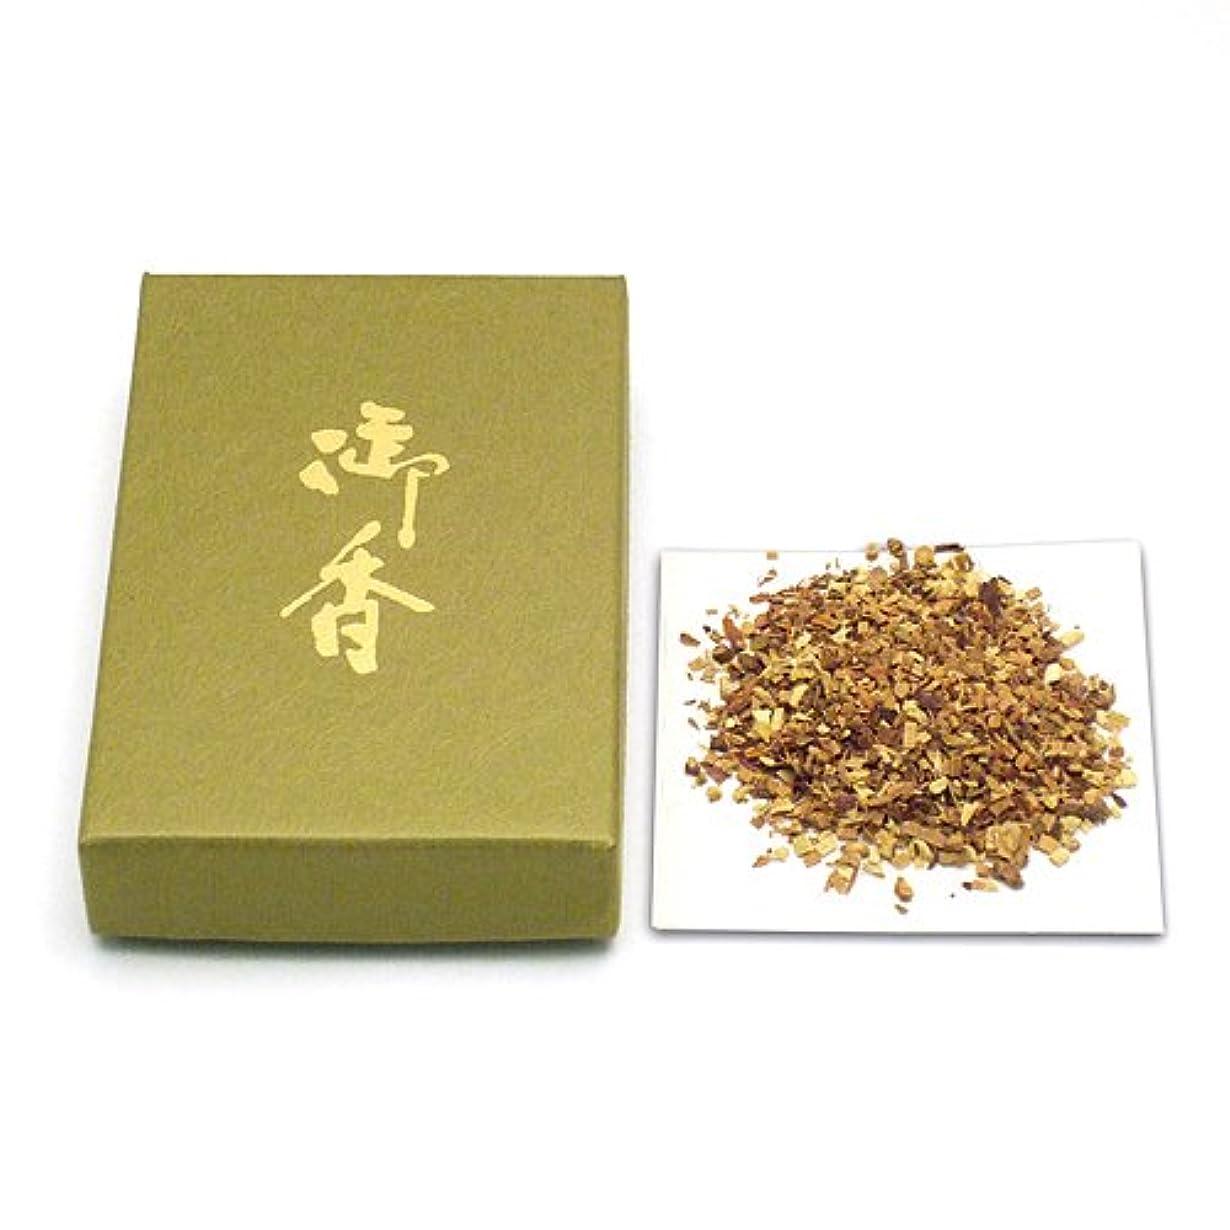 手錠常に思い出させる焼香用御香 超徳印 25g◆お焼香用の御香